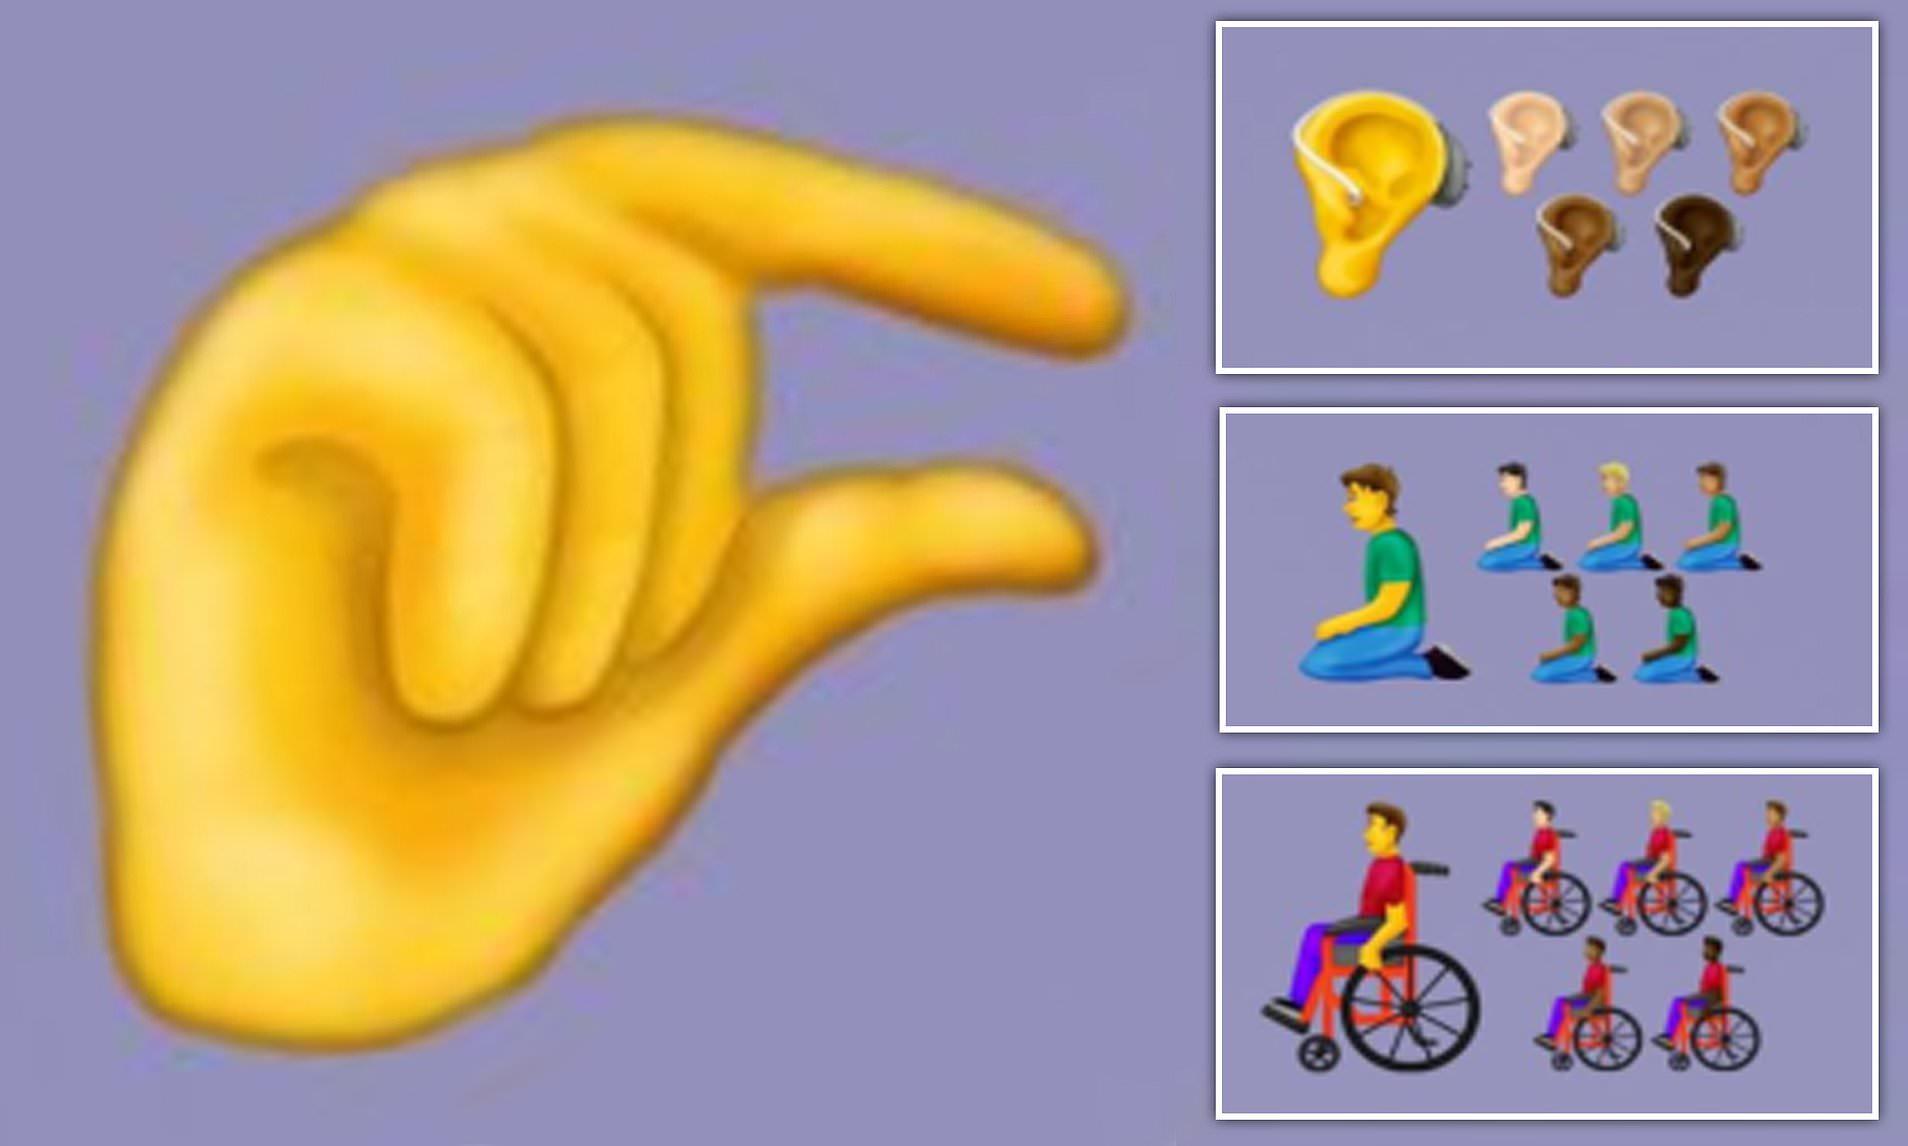 pénisz emoji a bővítés erekciós módszerei